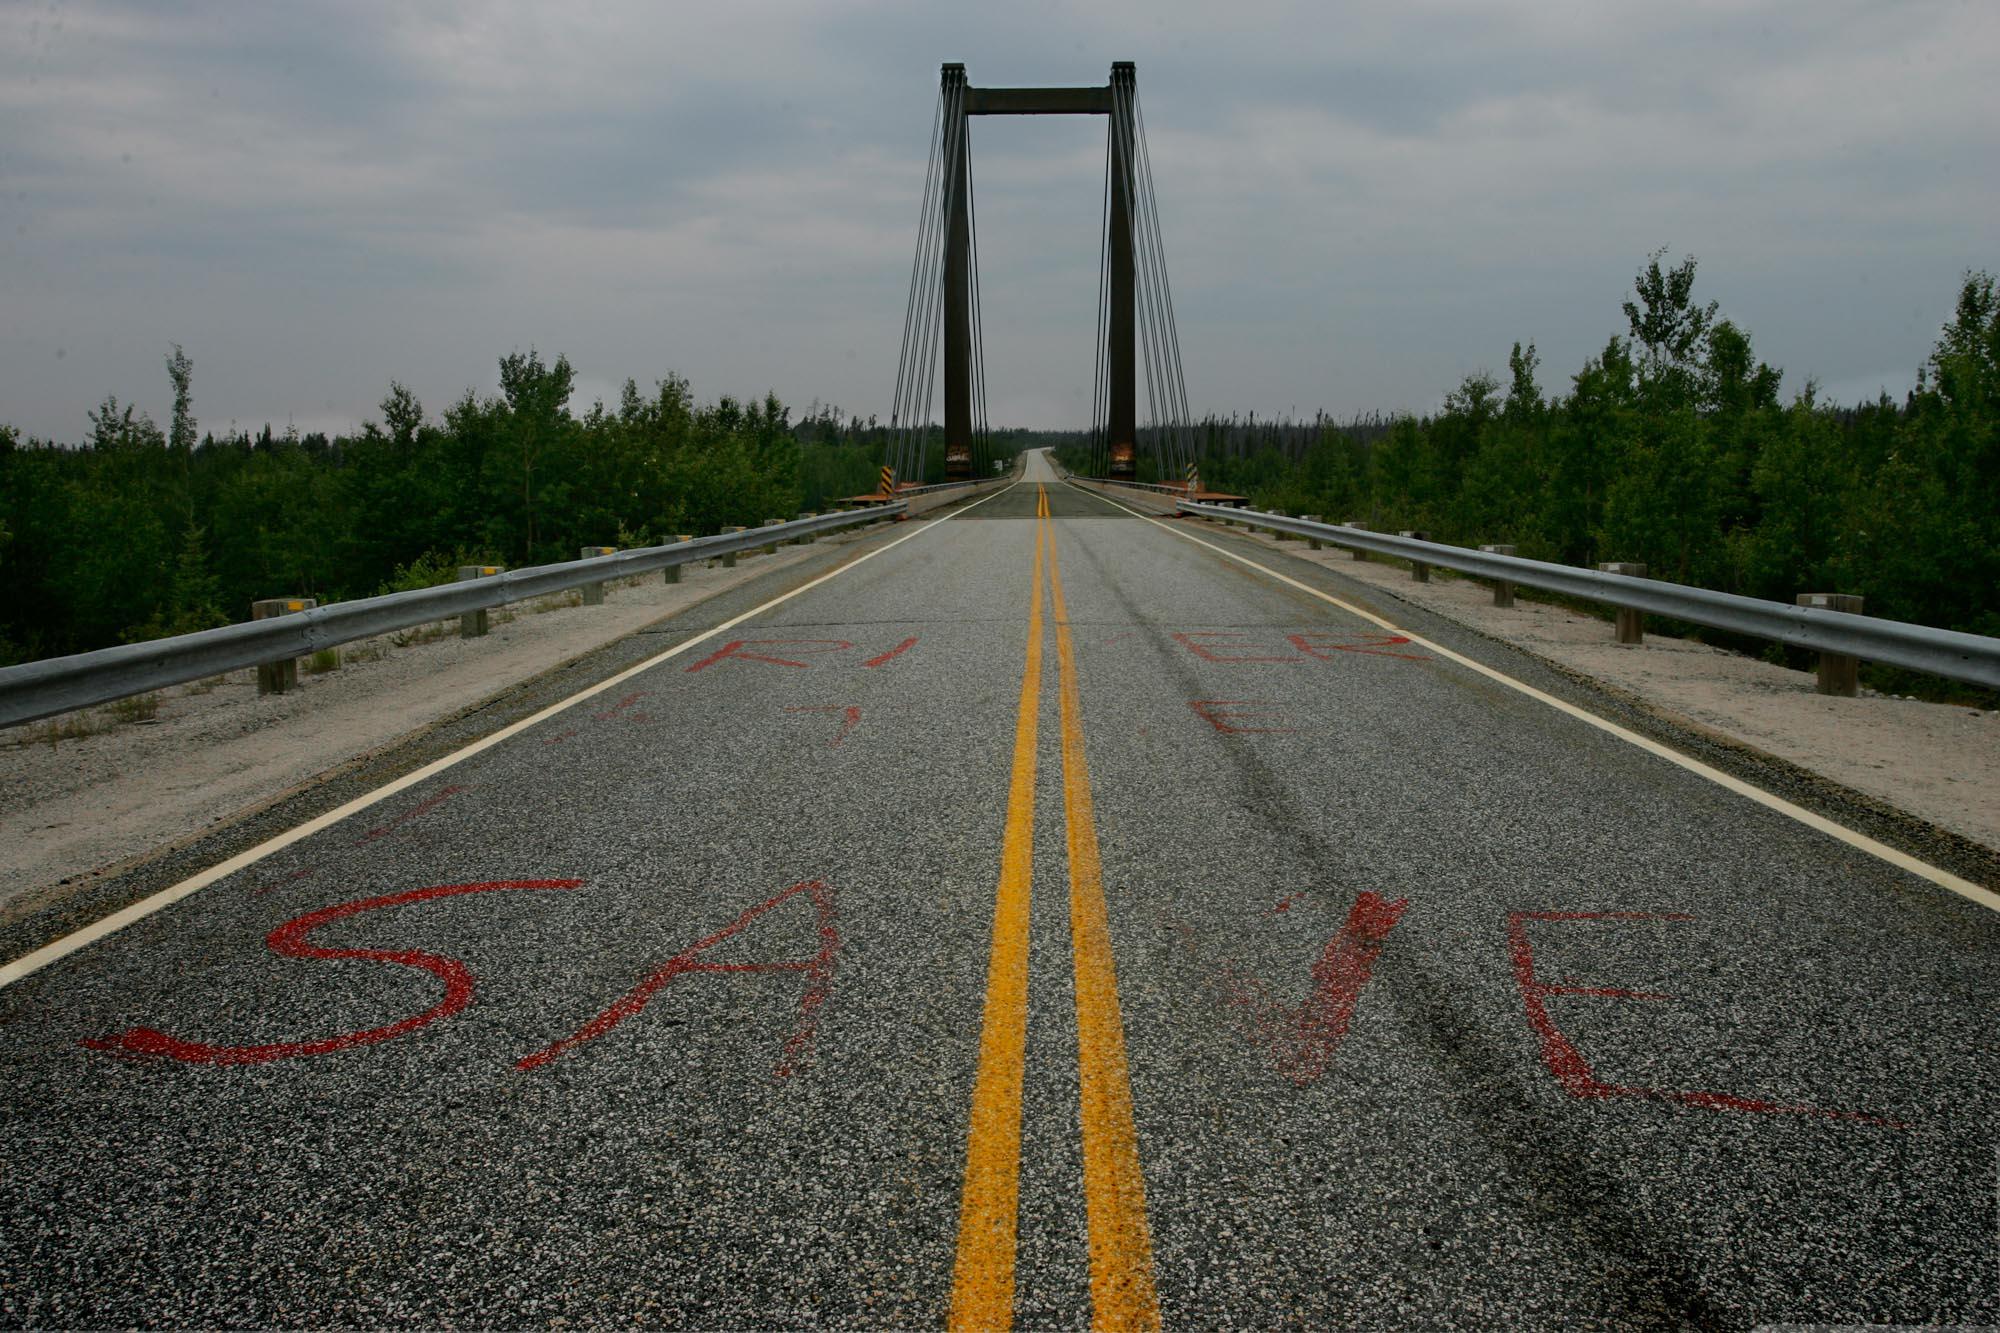 Rivière Rupert, Juillet 2006. Le pont qui enjambe la Rivière Rupert  sur la route de la Baie James au rapide Oatmeal est couvert de message messages sans équivoque. Ici sur le bitume on a peint en lettres rouges, Save The River